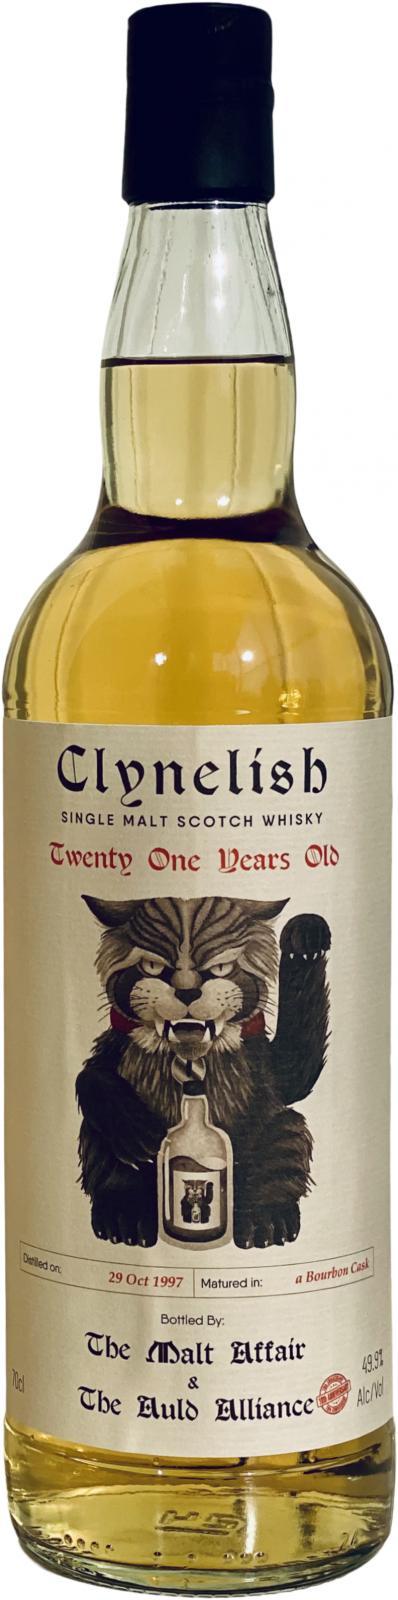 Clynelish 1997 TAA